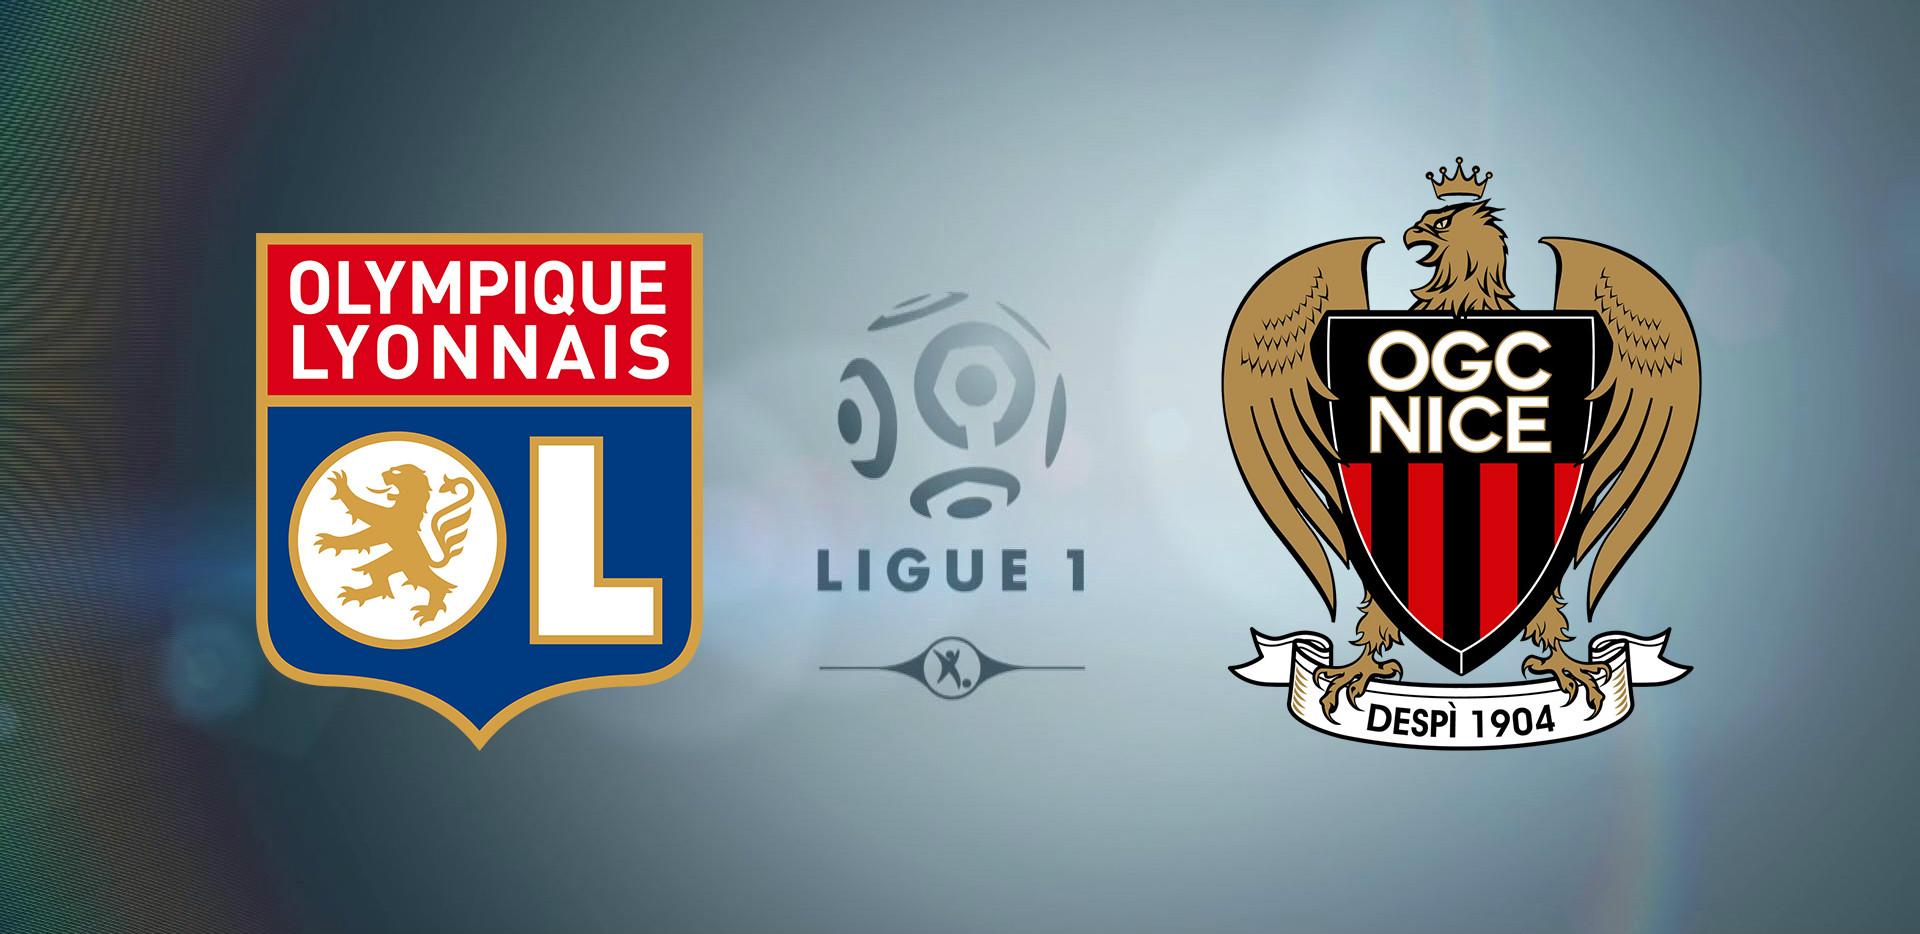 Nhận định Lyon vs Nice, 01h45 ngày 01/09: VĐQG Pháp